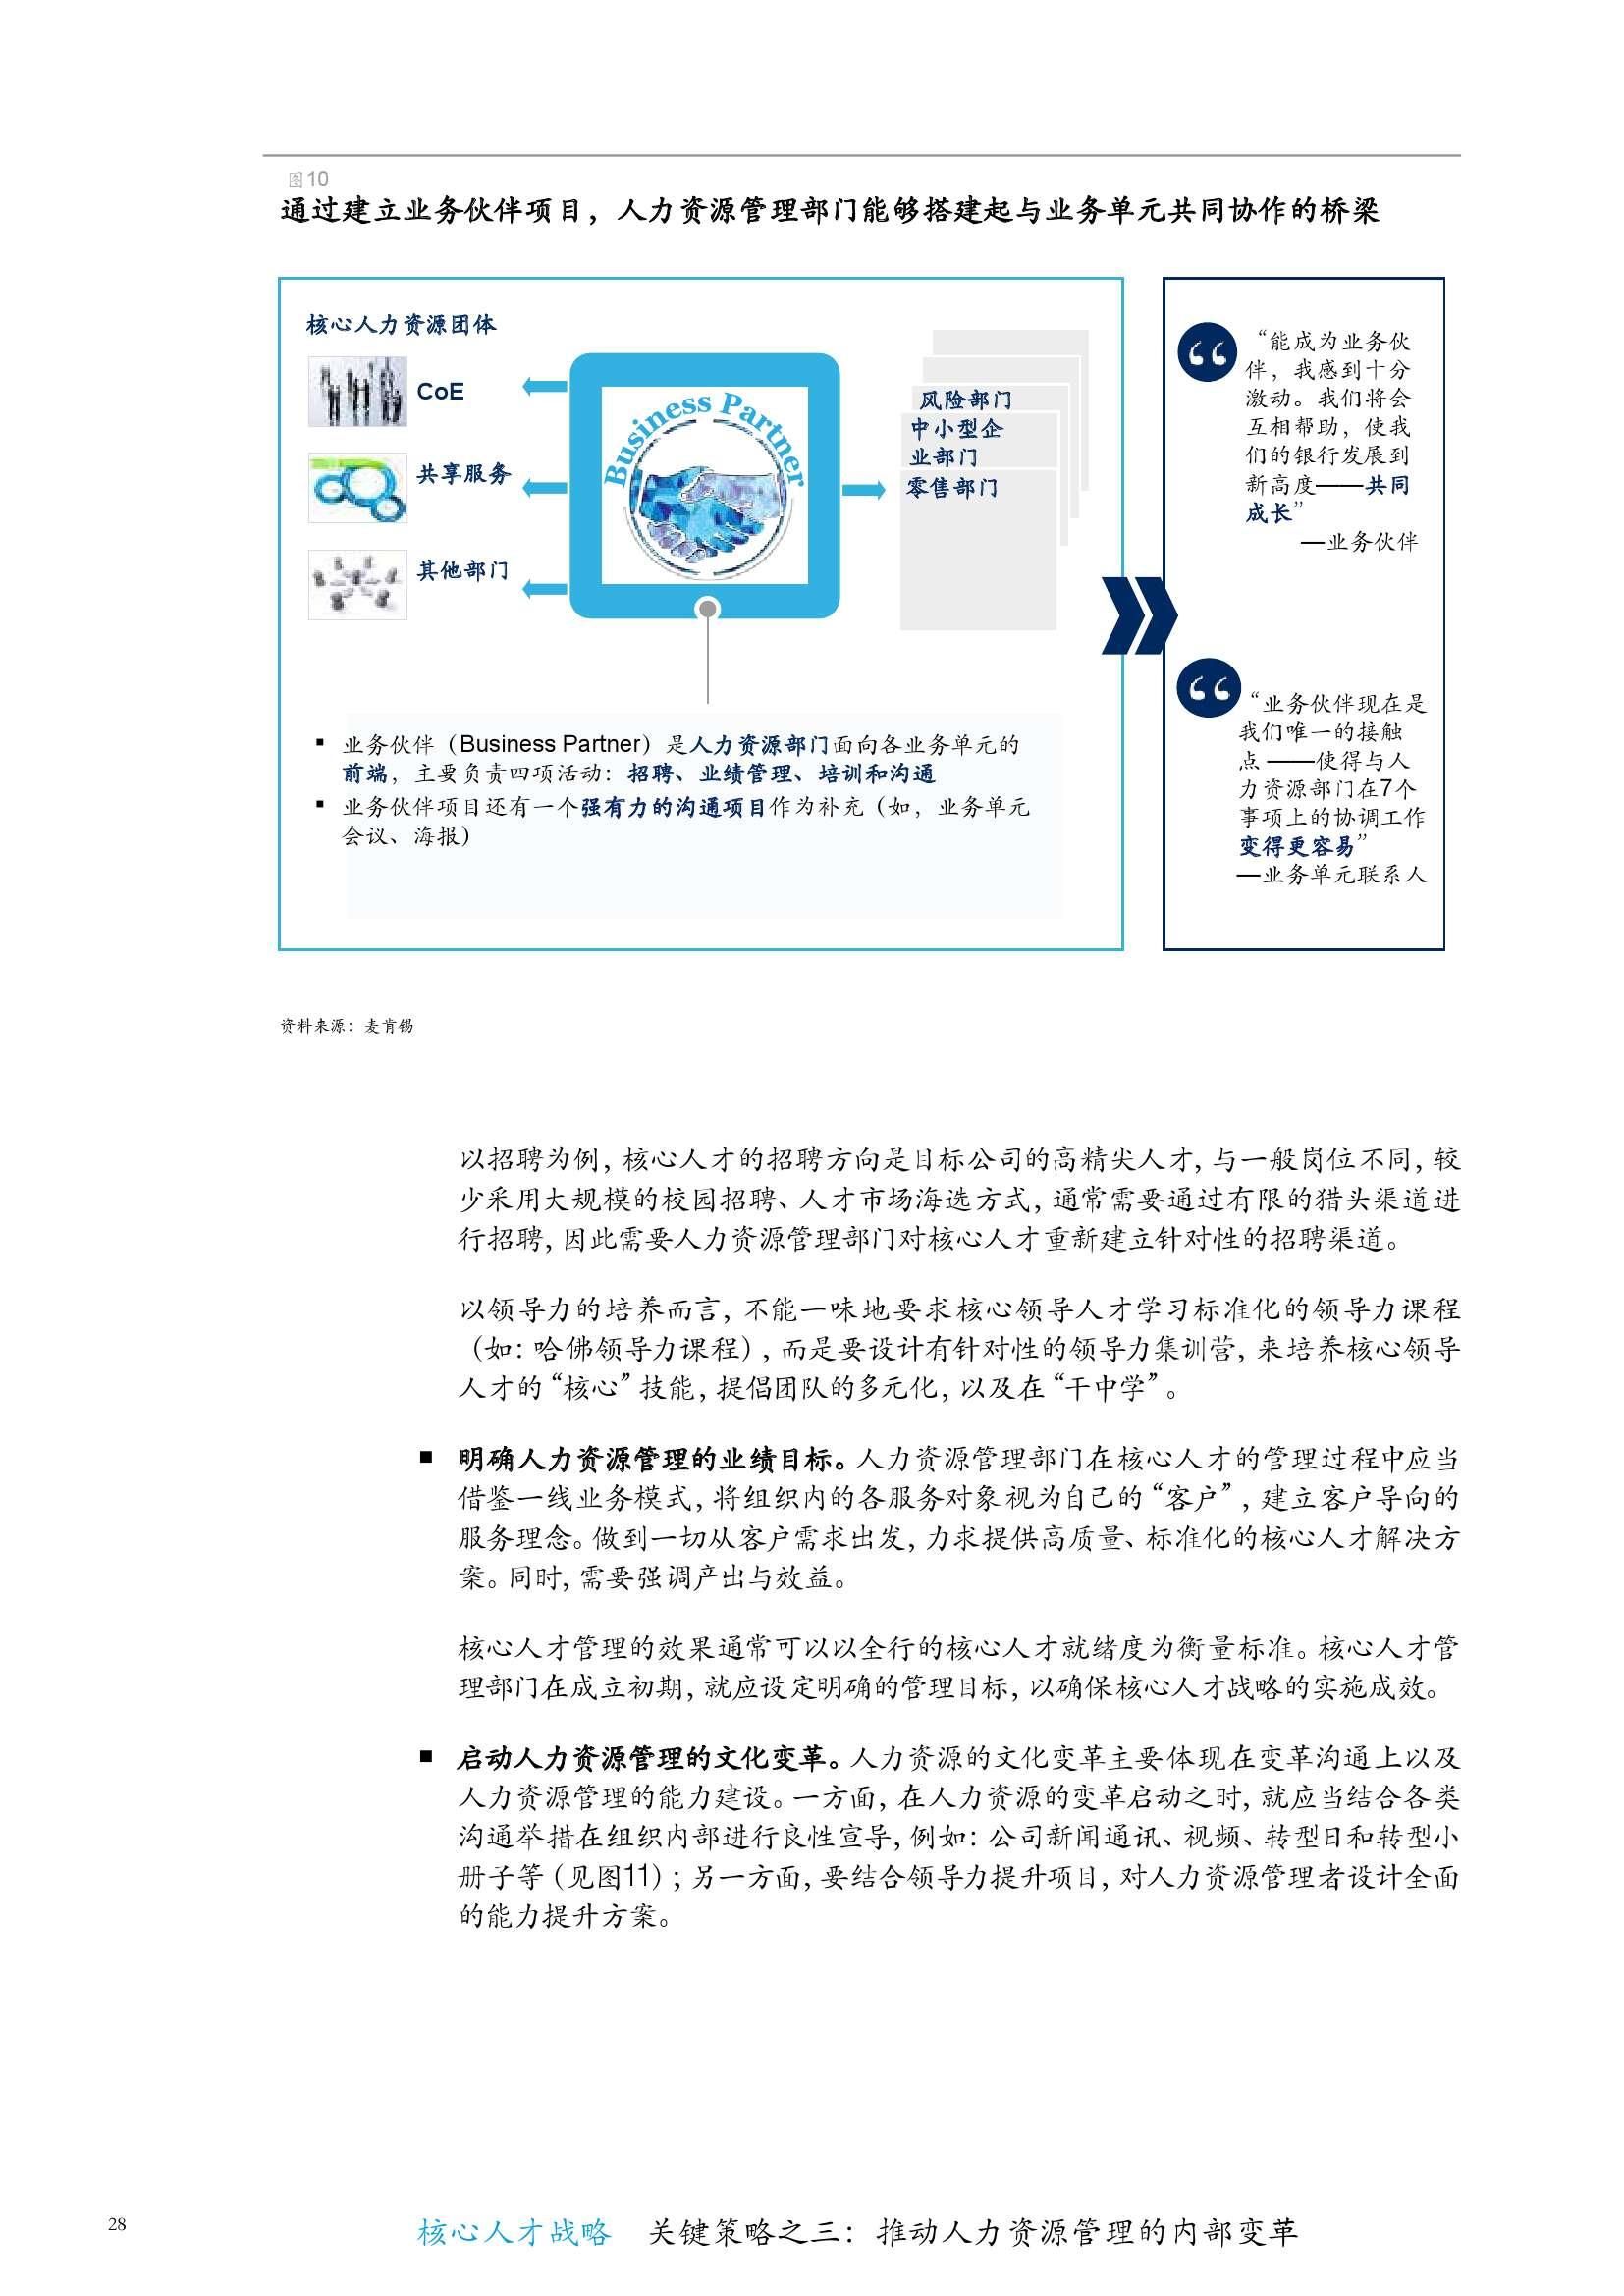 中国银行行业白皮书--核心人才战略4_000034